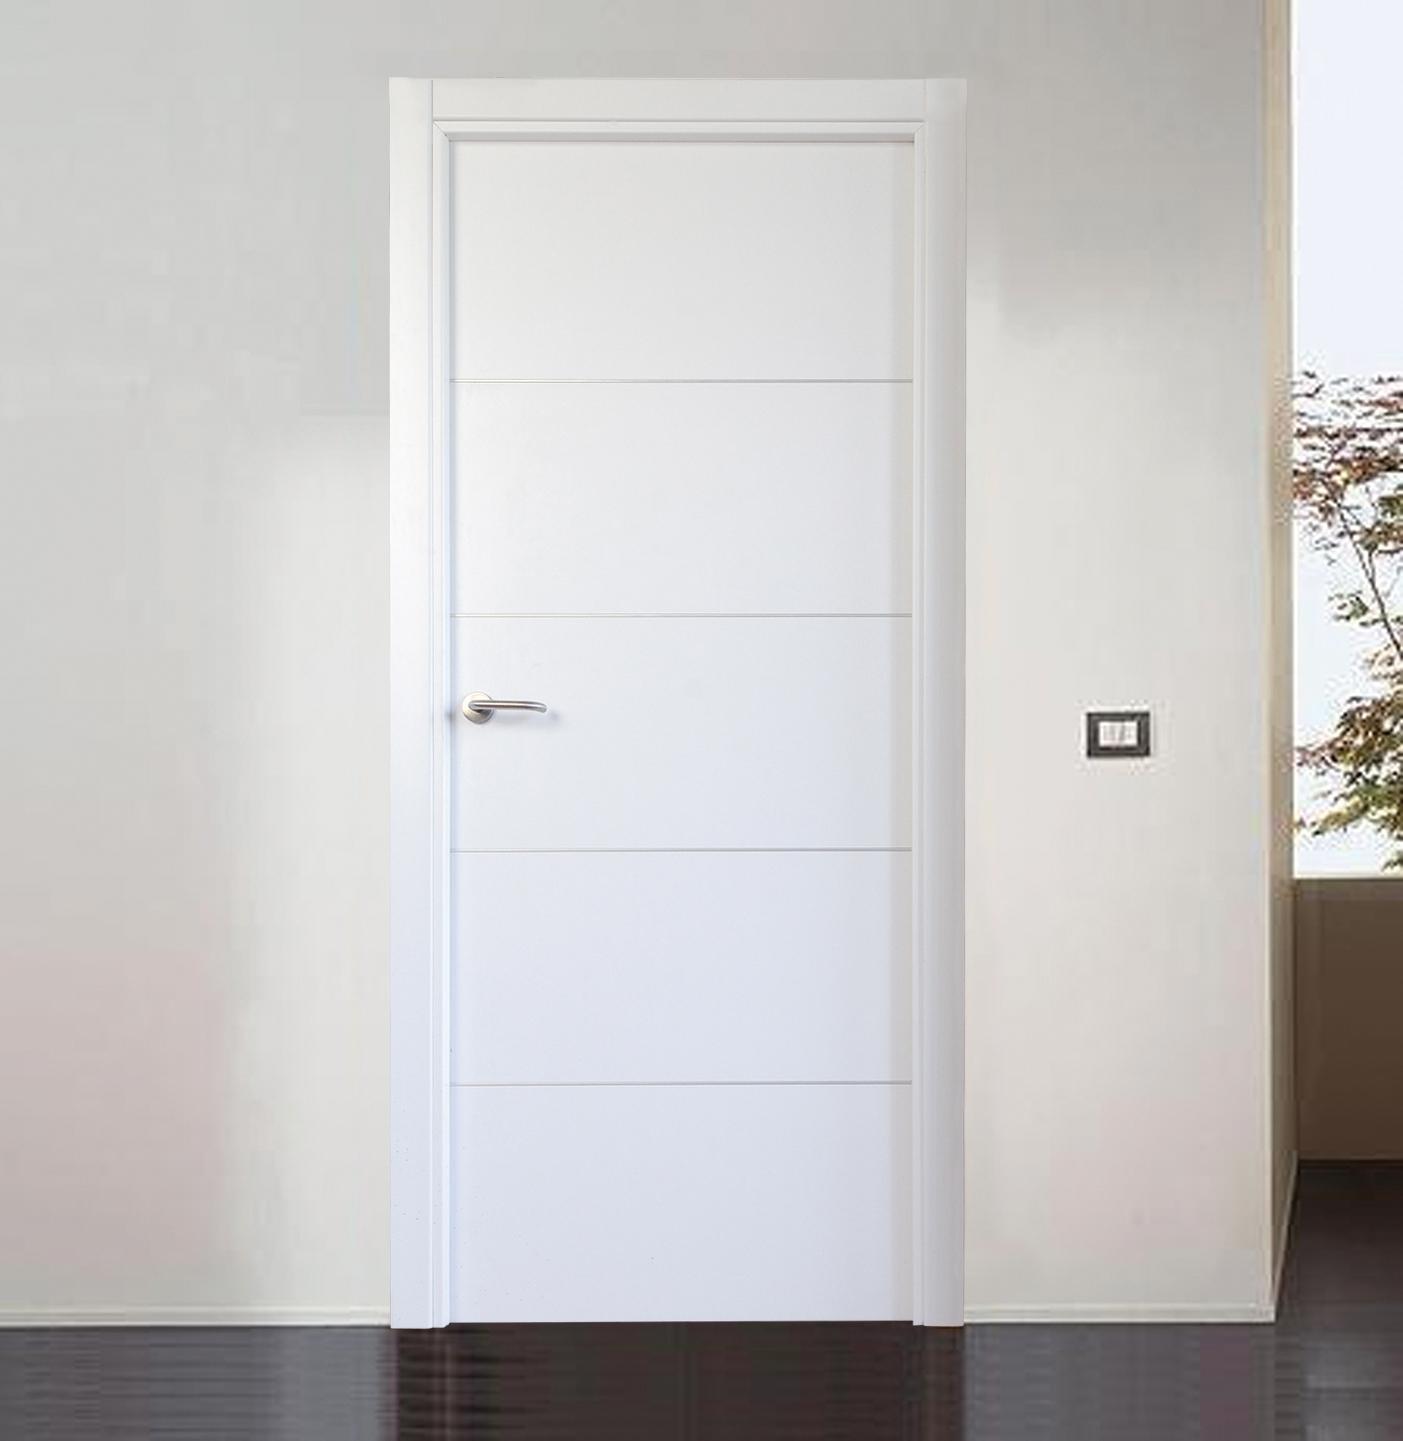 Lacado de puertas - CARPINTERO SEVILLA - 665 848 800 - PUERTAS ...